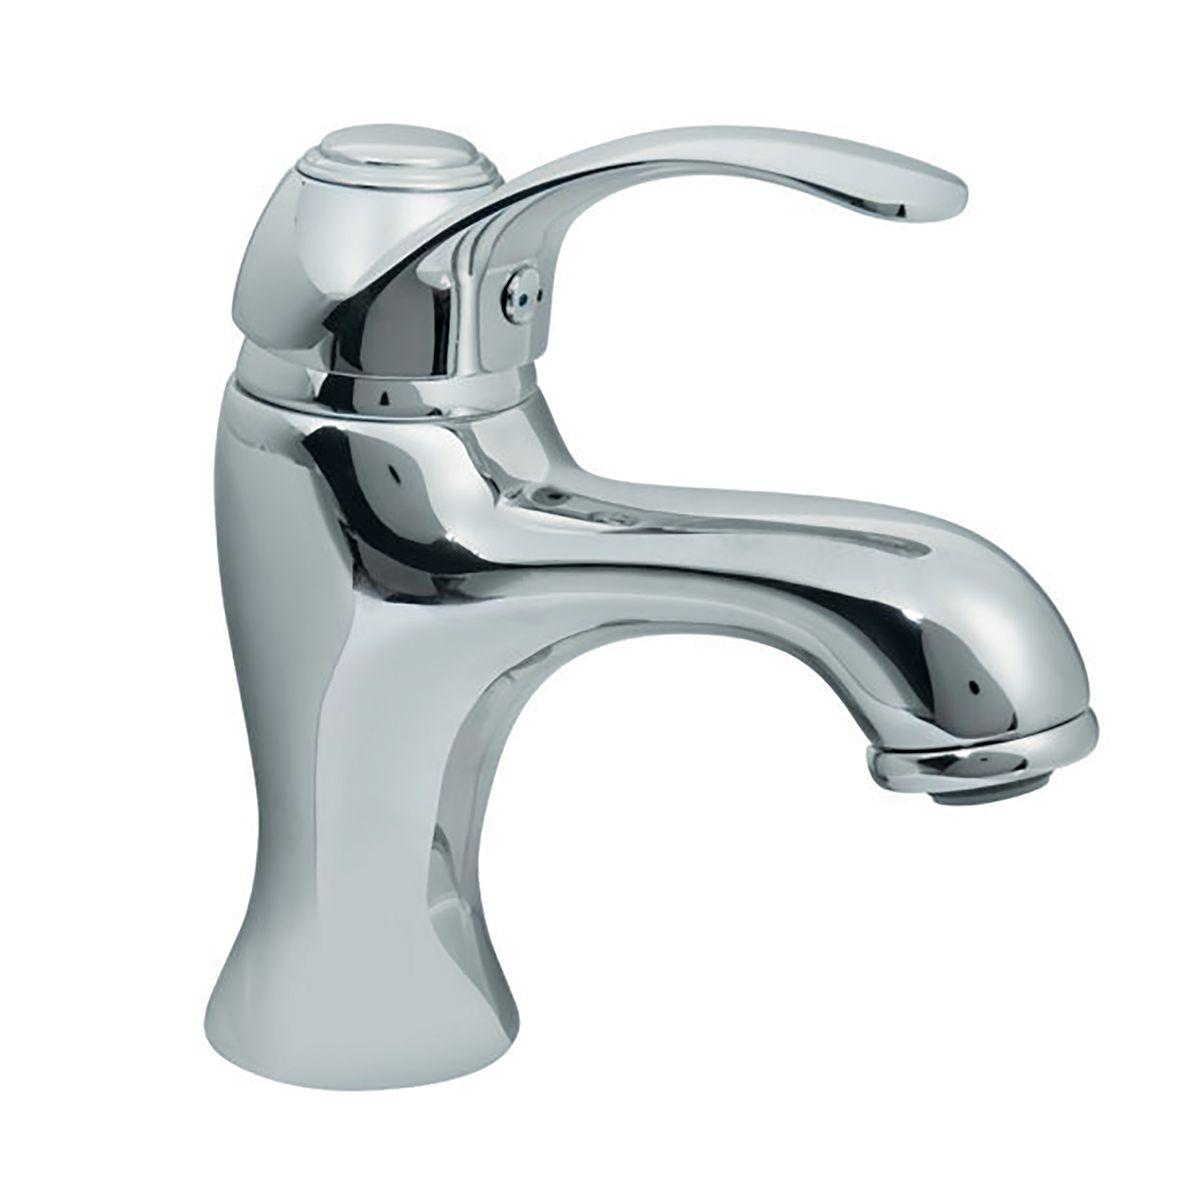 Rubinetti bagno: prezzi e offerte miscelatori e rubinetti bagno